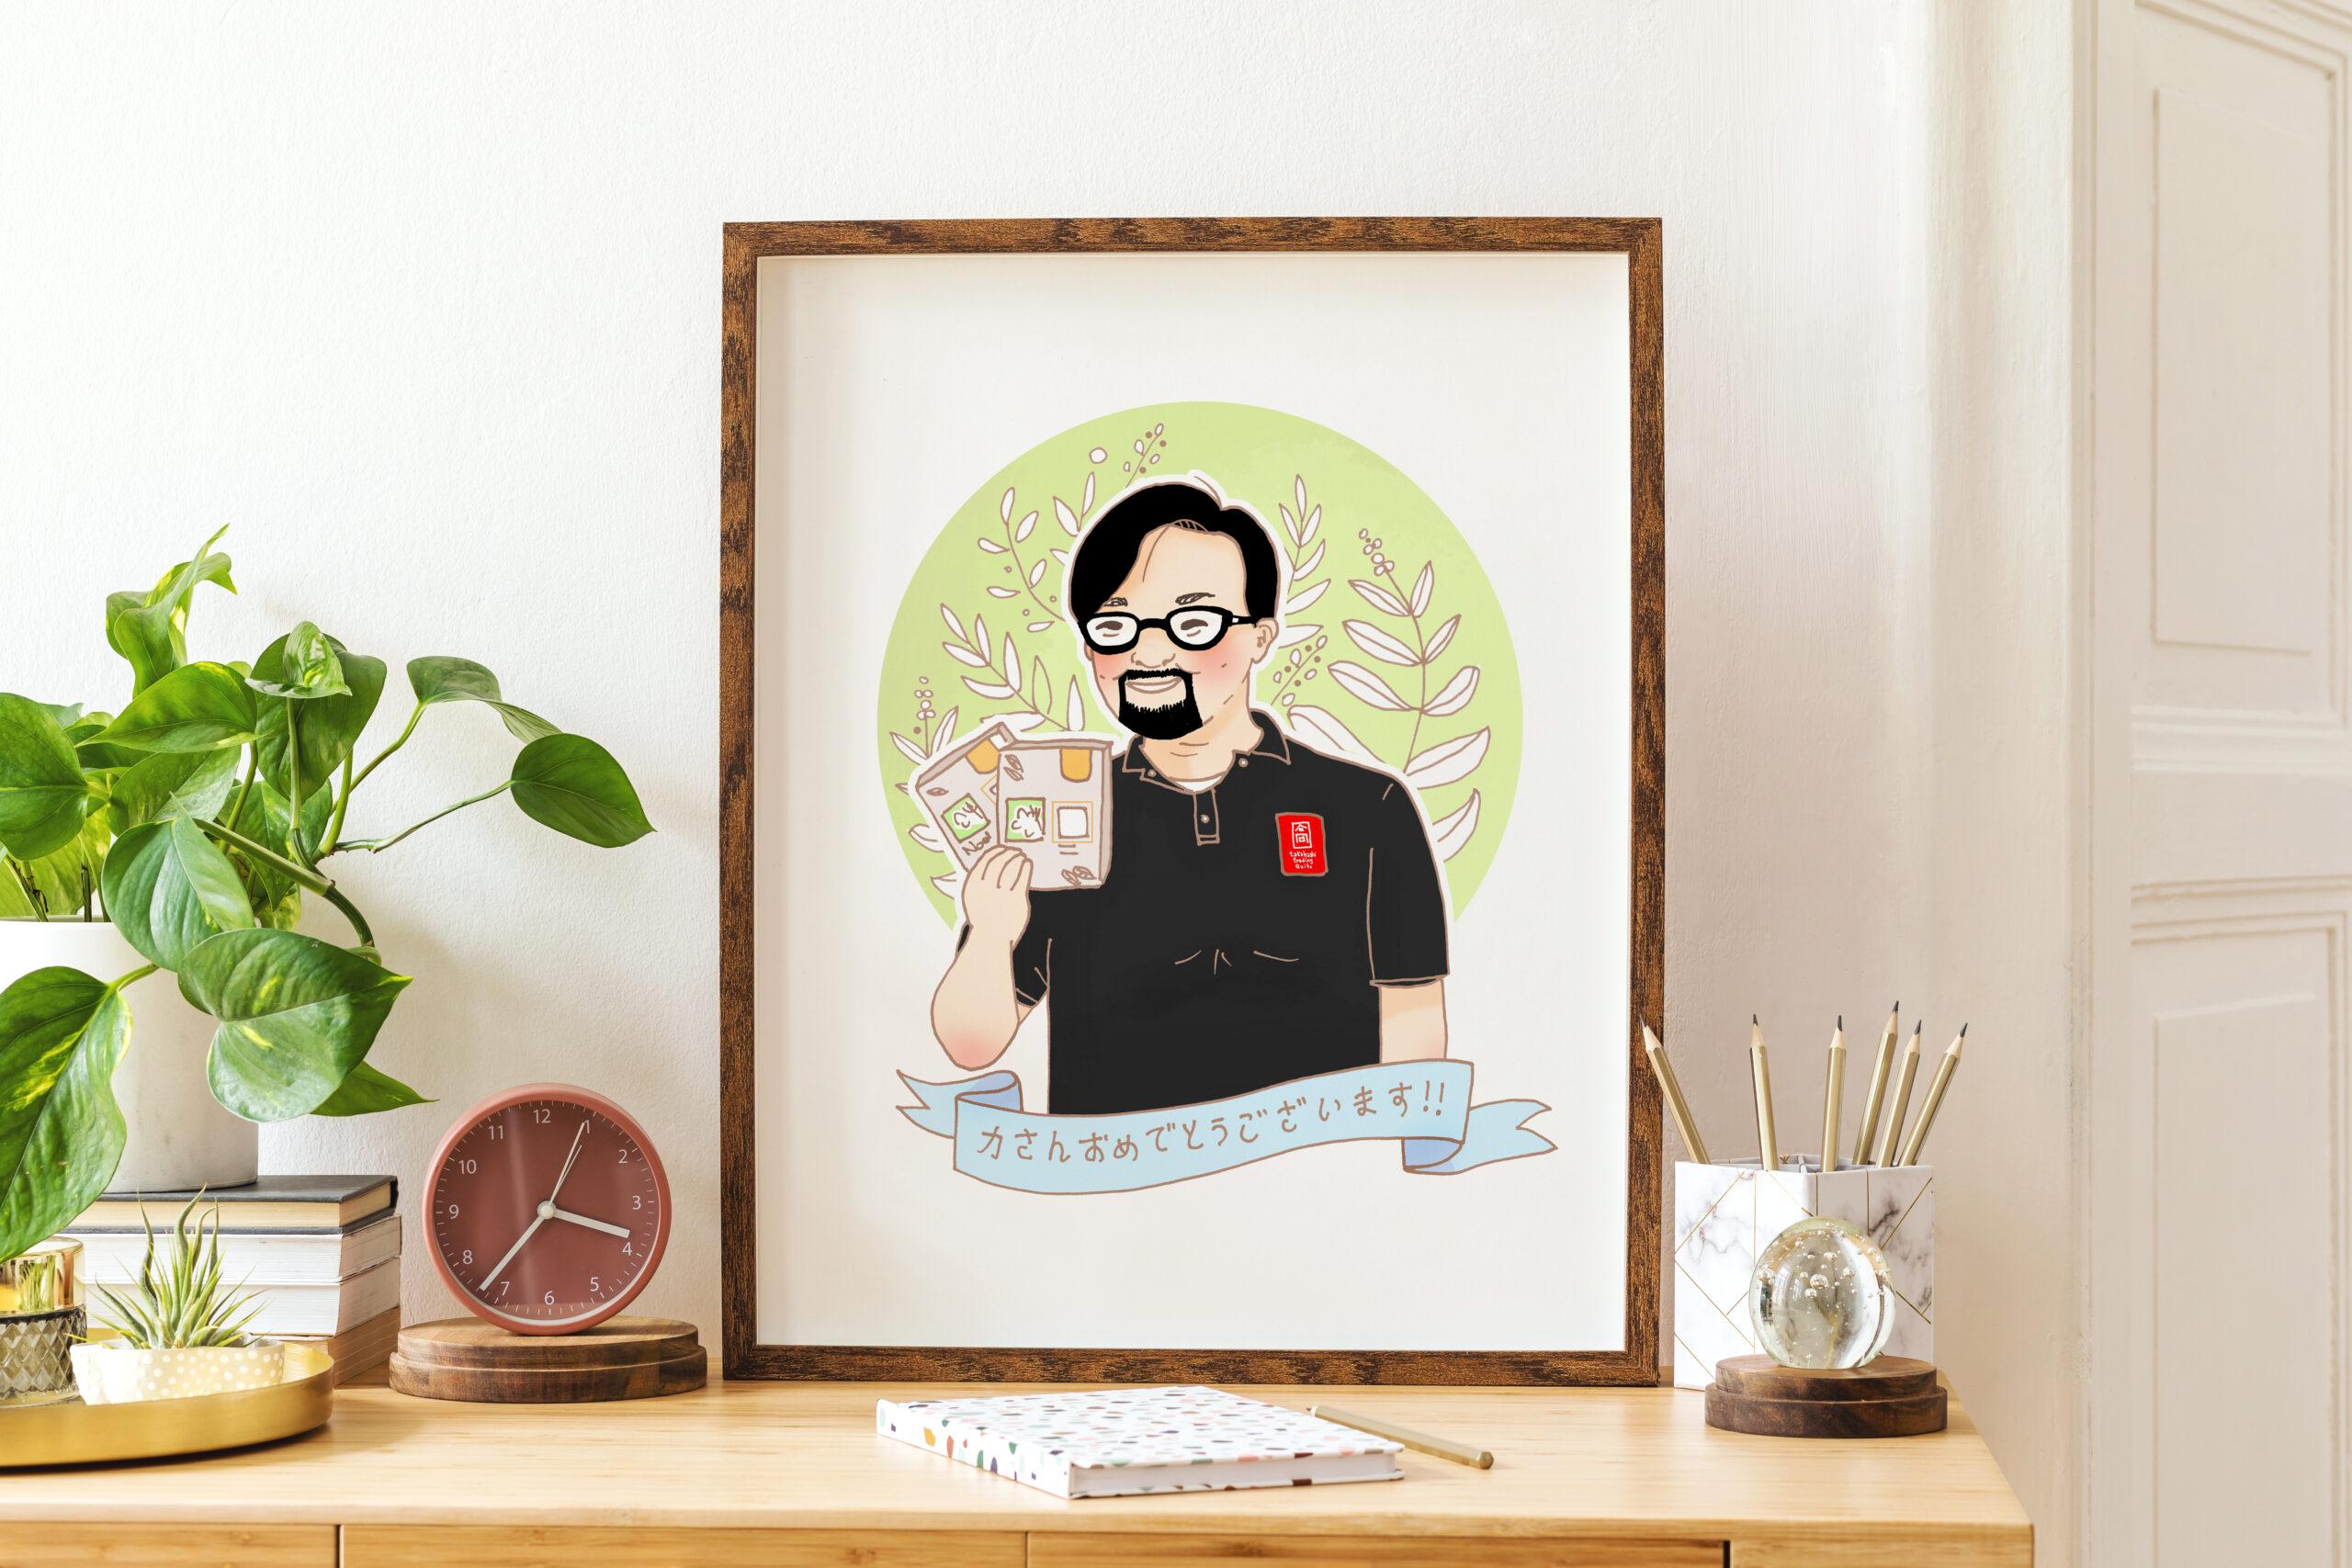 mesa con reloj y planta y marco con retrato de una persona con barba sosteniendo dos cajas retrato ilustrado